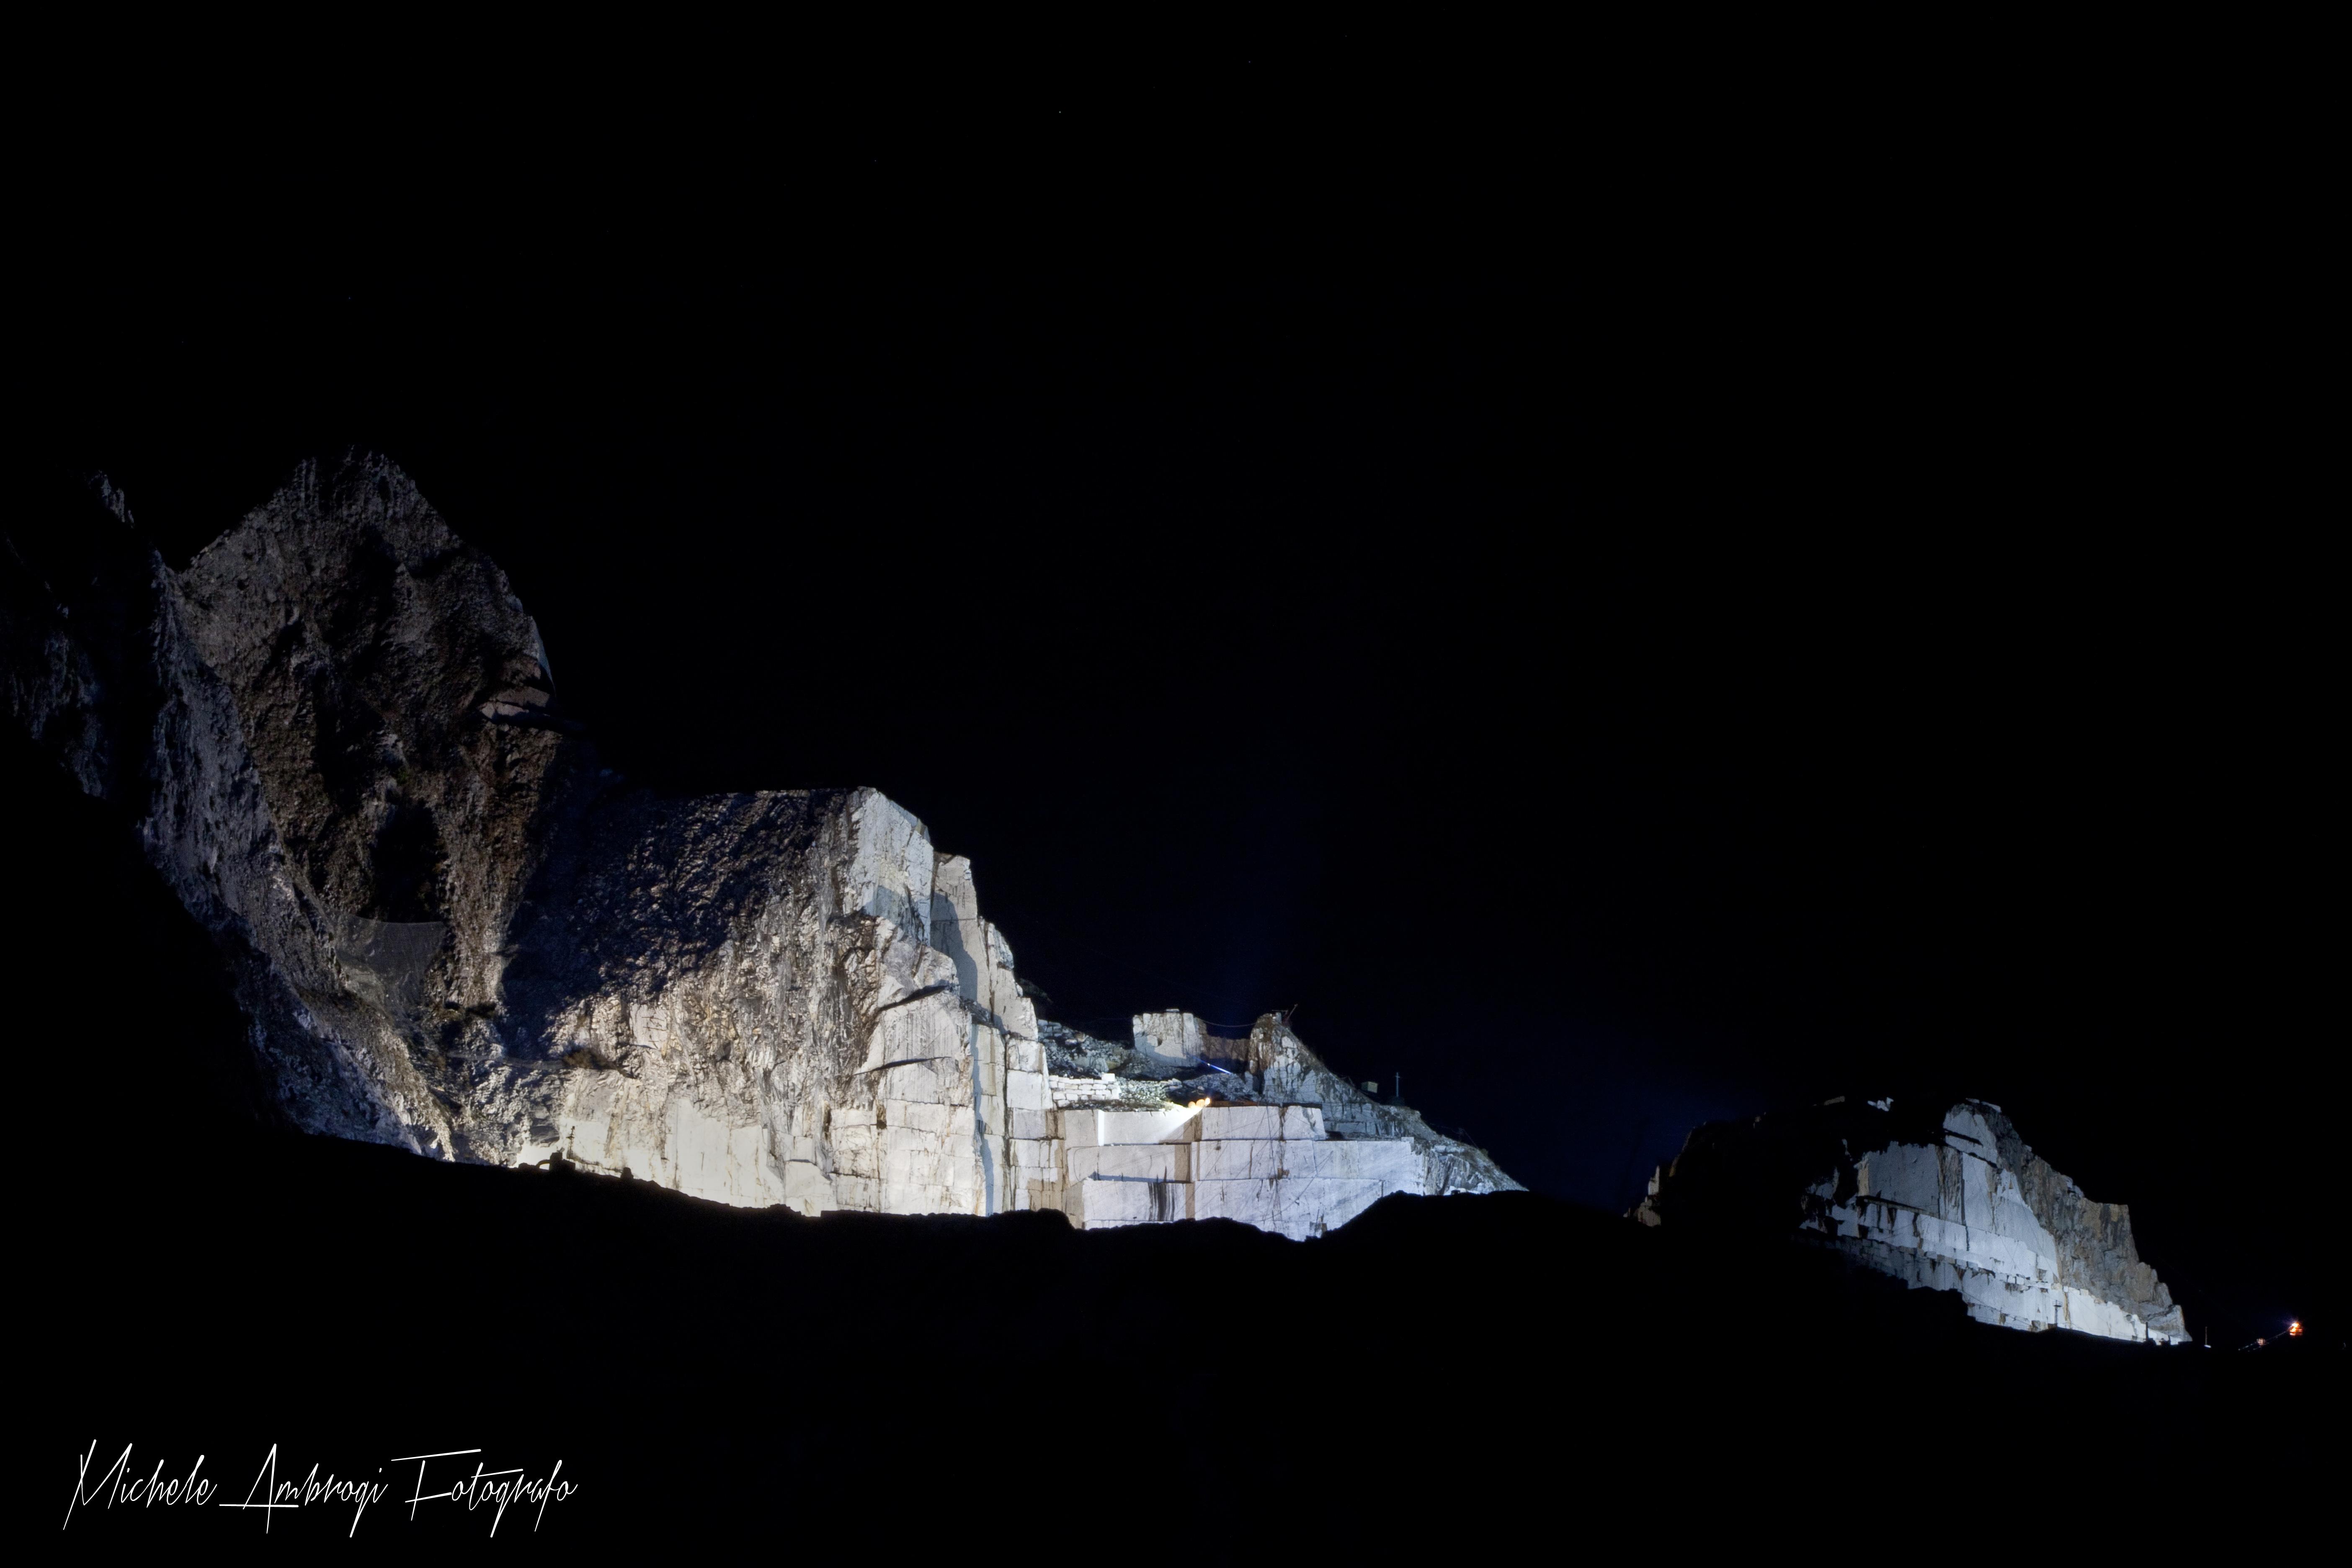 (le cave illuminate)